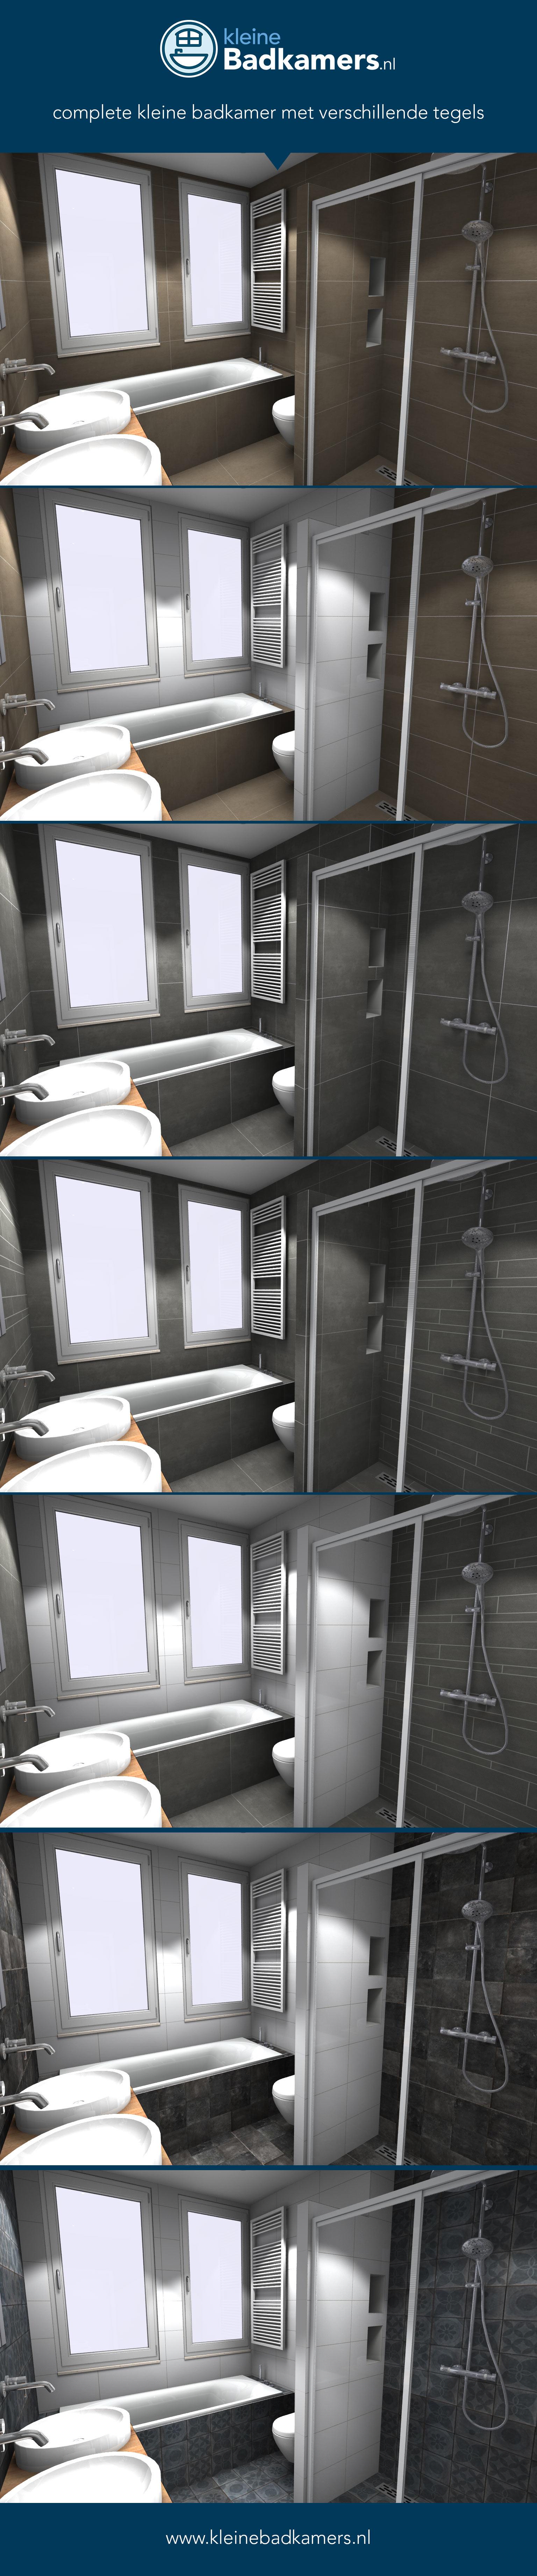 wat is jouw stijl met tegels bepaal je de stijl van jouw badkamer